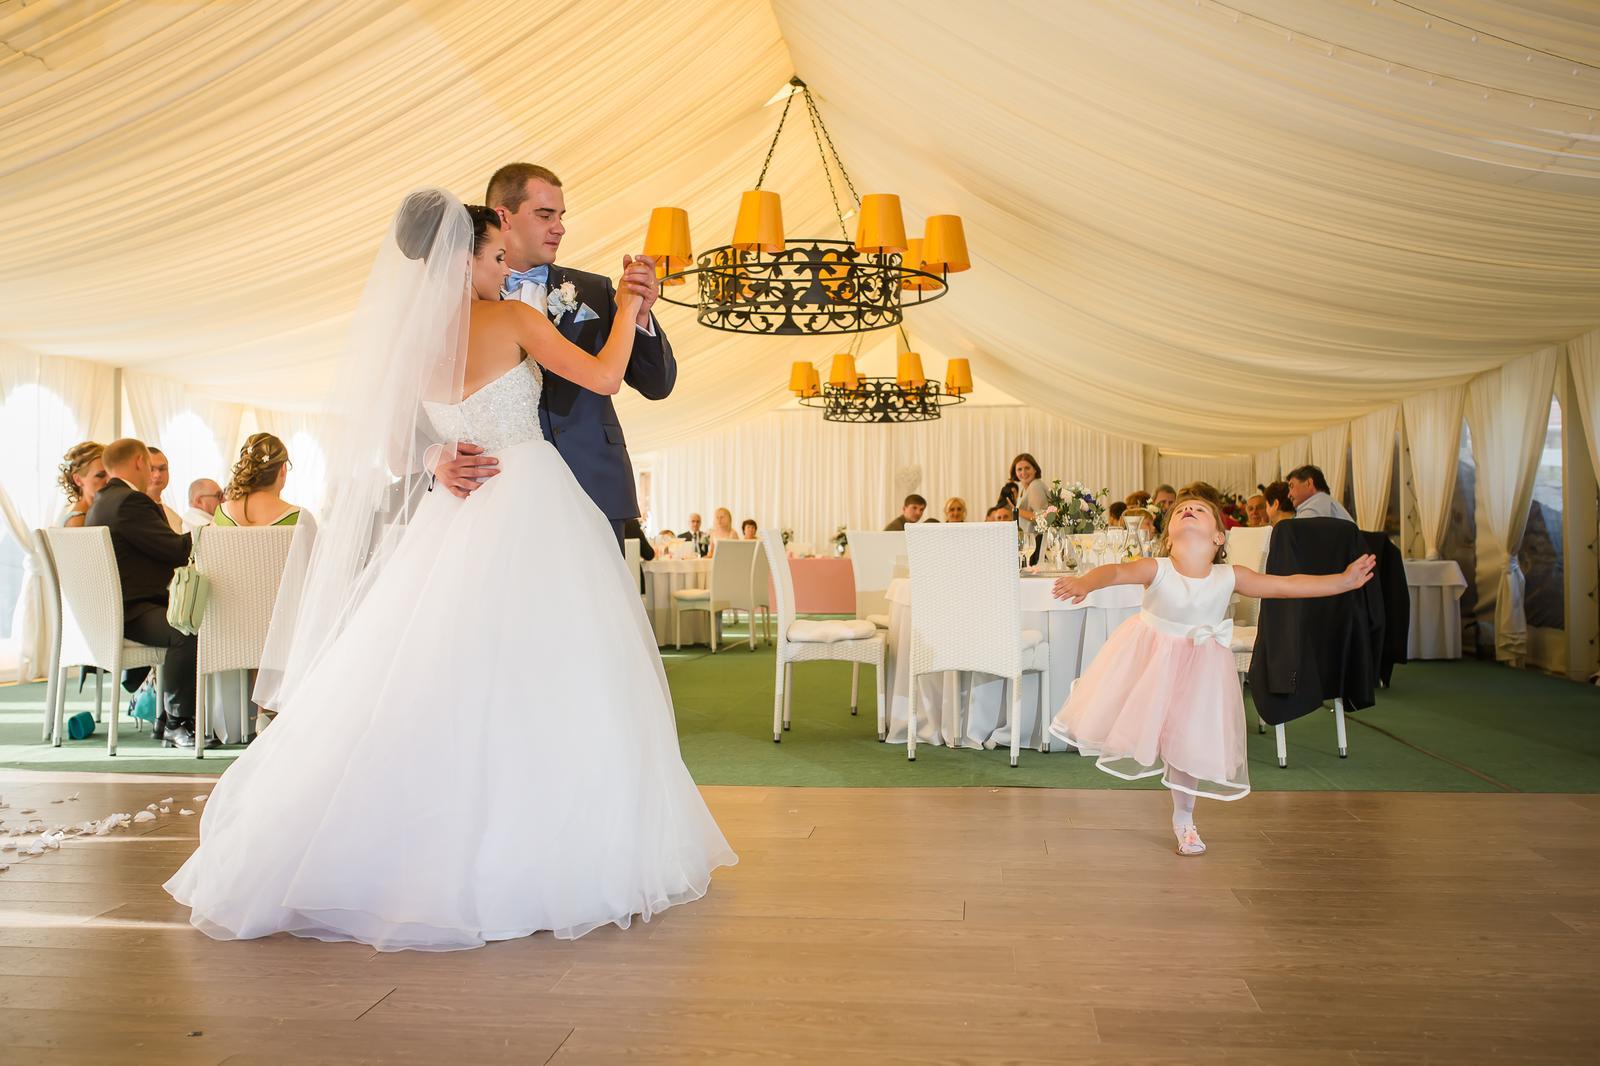 Svadobny tanec aj s... - Obrázok č. 1